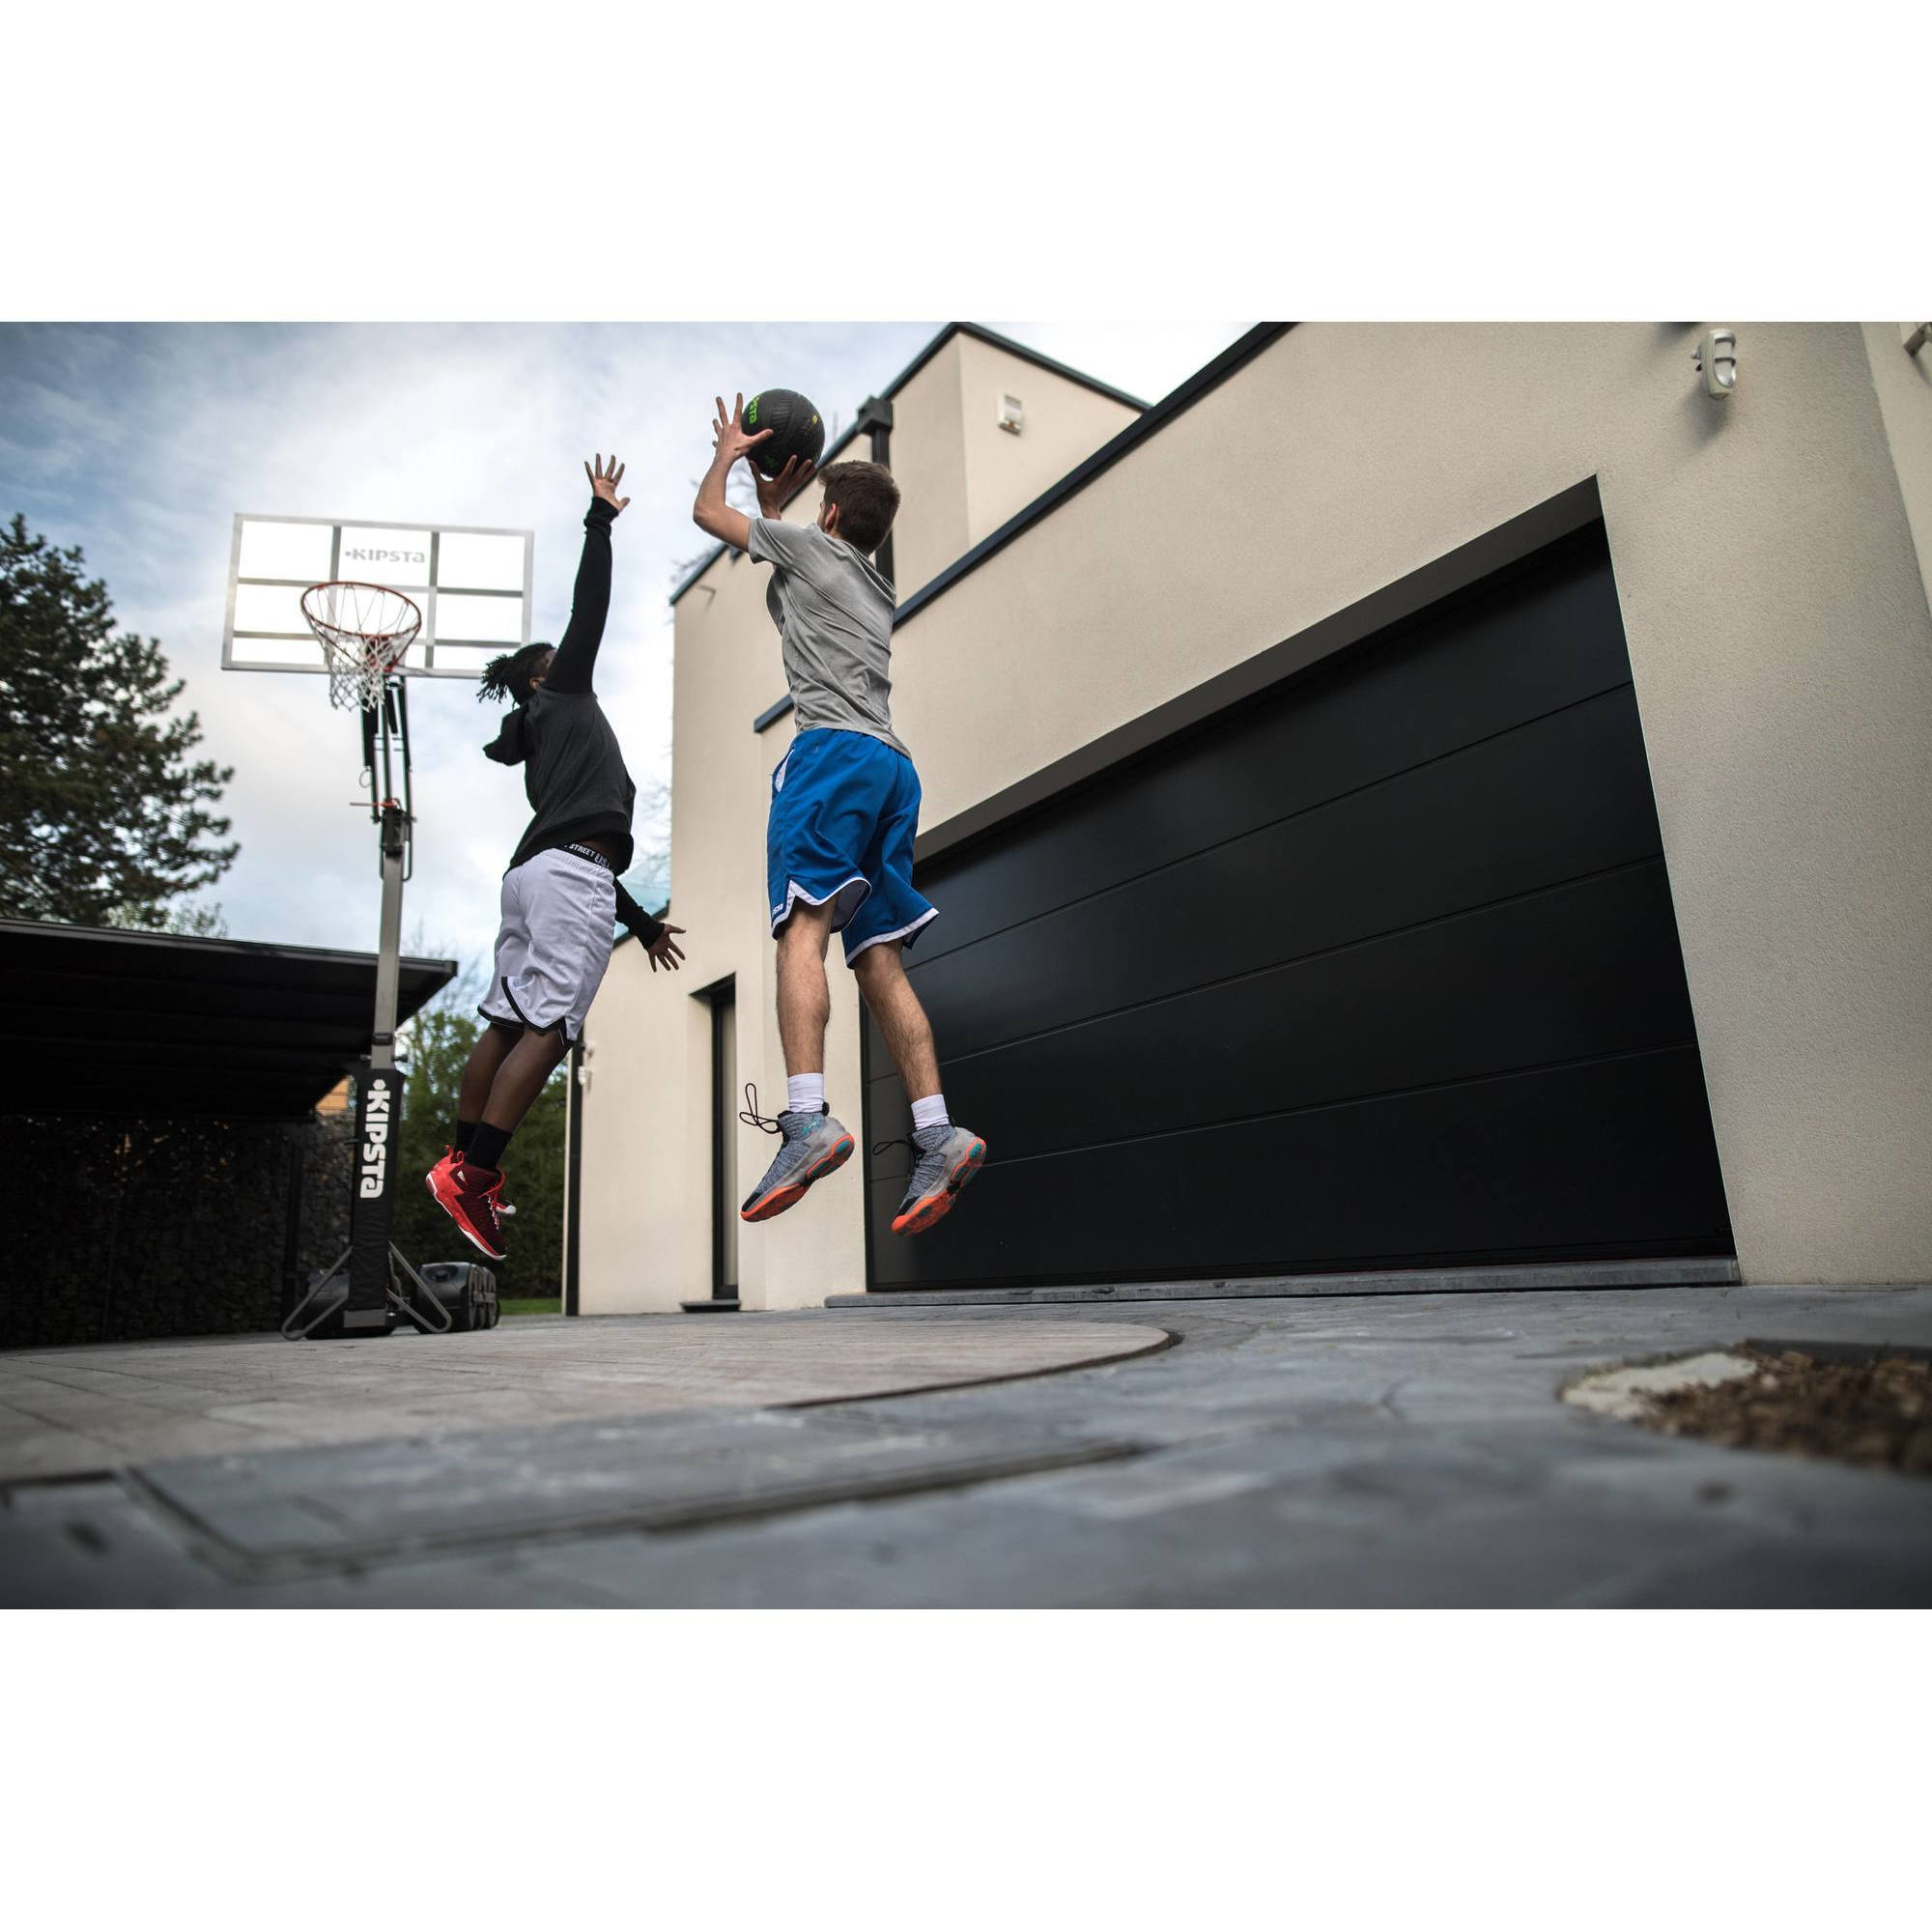 Panier De Basket Enfant Adulte B900 2 40m 3 05m Se R Gle Et Se  # Recherche Vestiaire A Transforme En Rack Sono